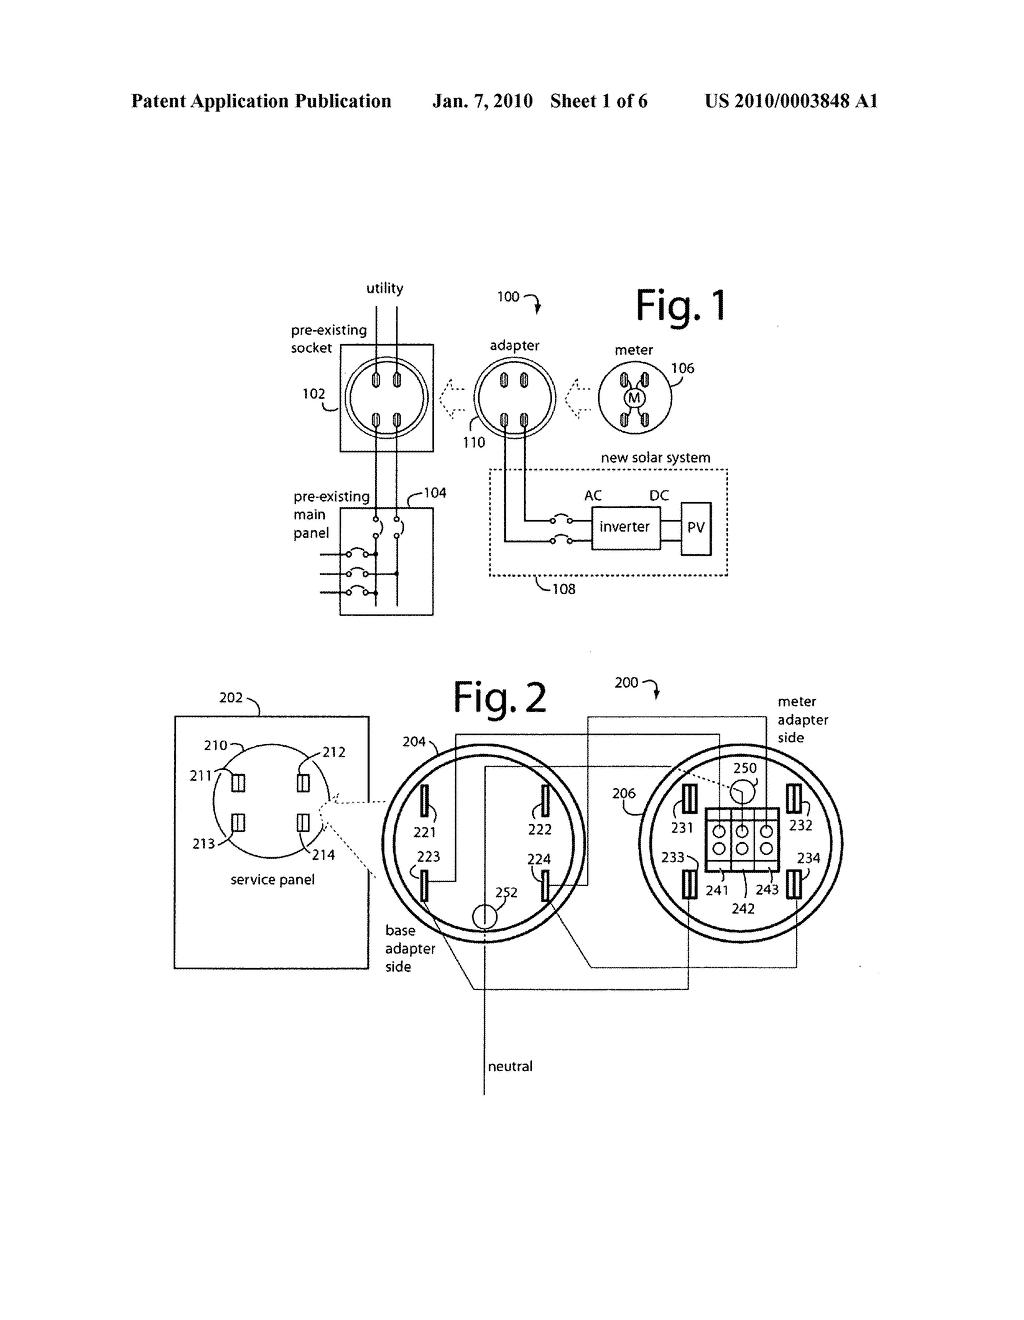 Supply side backfeed meter socket adapter diagram schematic supply side backfeed meter socket adapter diagram schematic and image 02 pooptronica